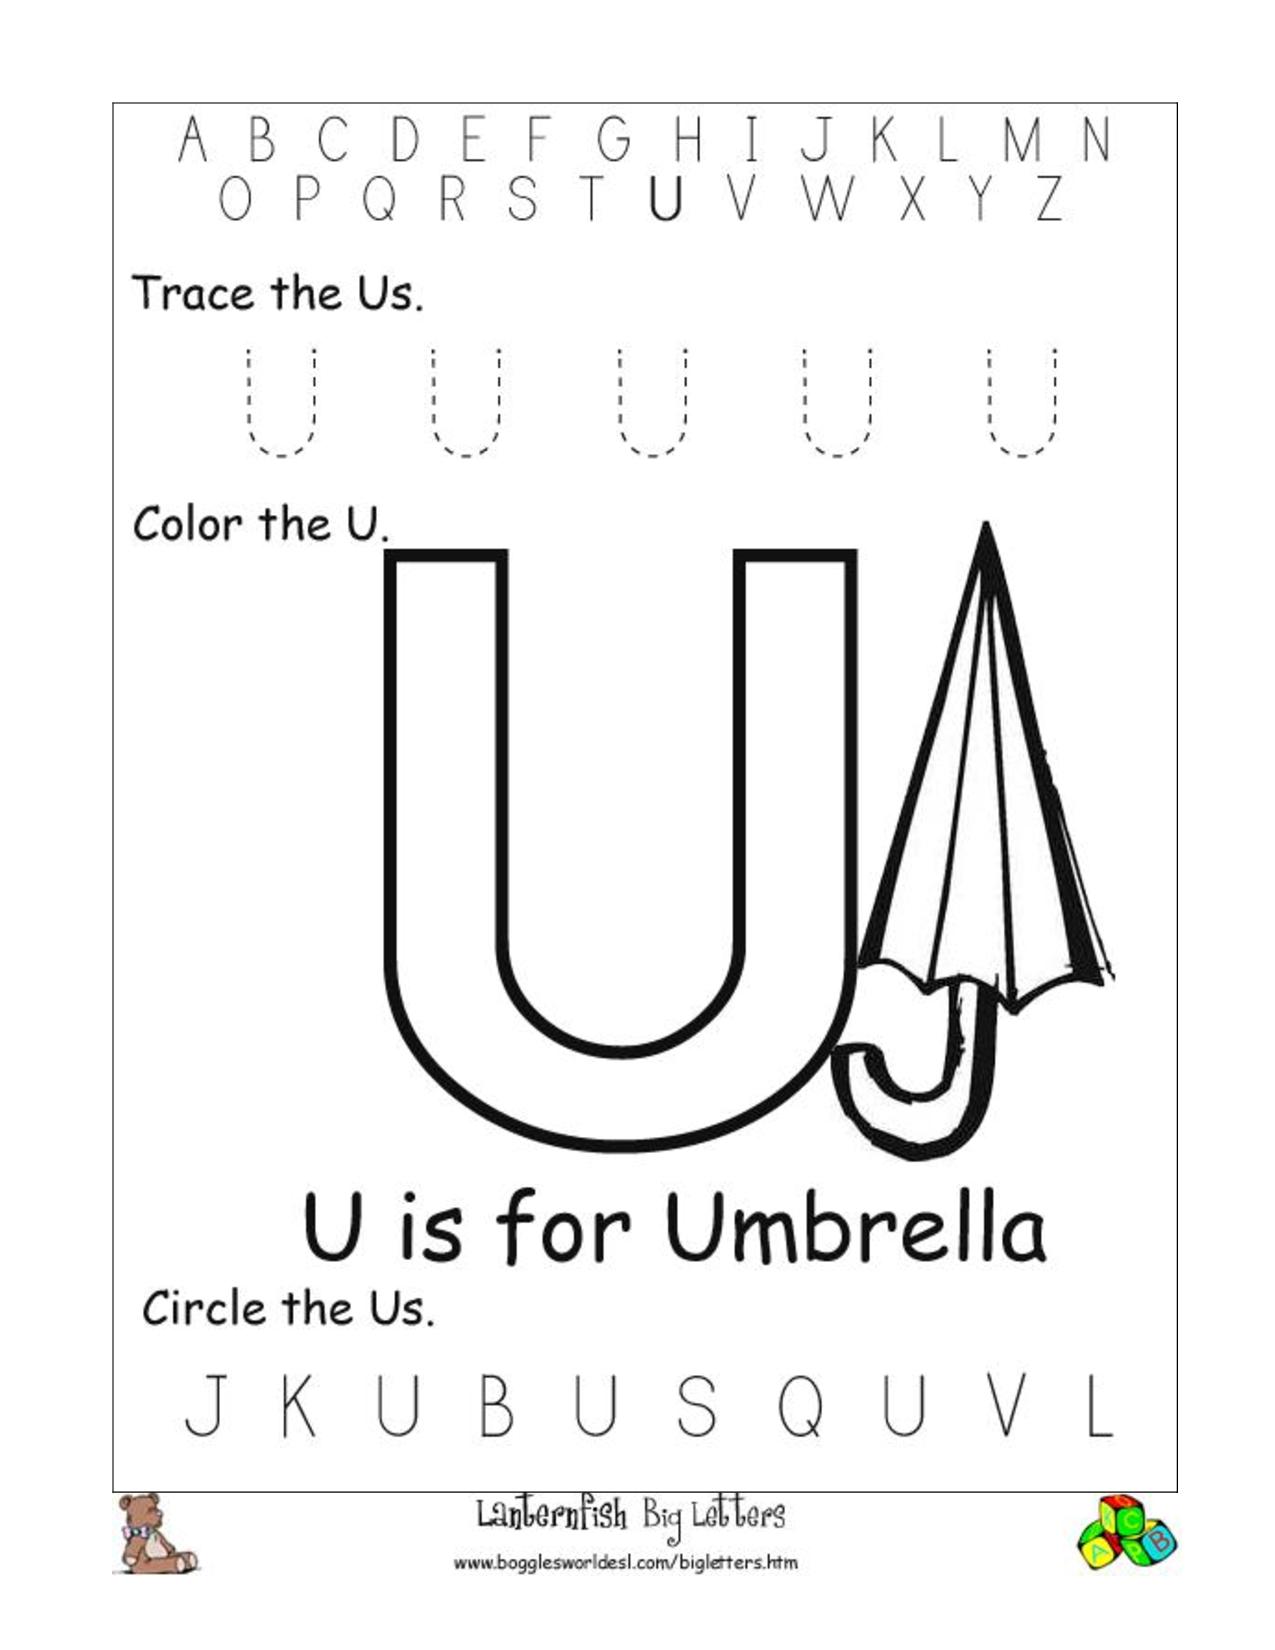 Alphabet Worksheet Big Letter U - Download Now Doc with Letter U Worksheets Pinterest